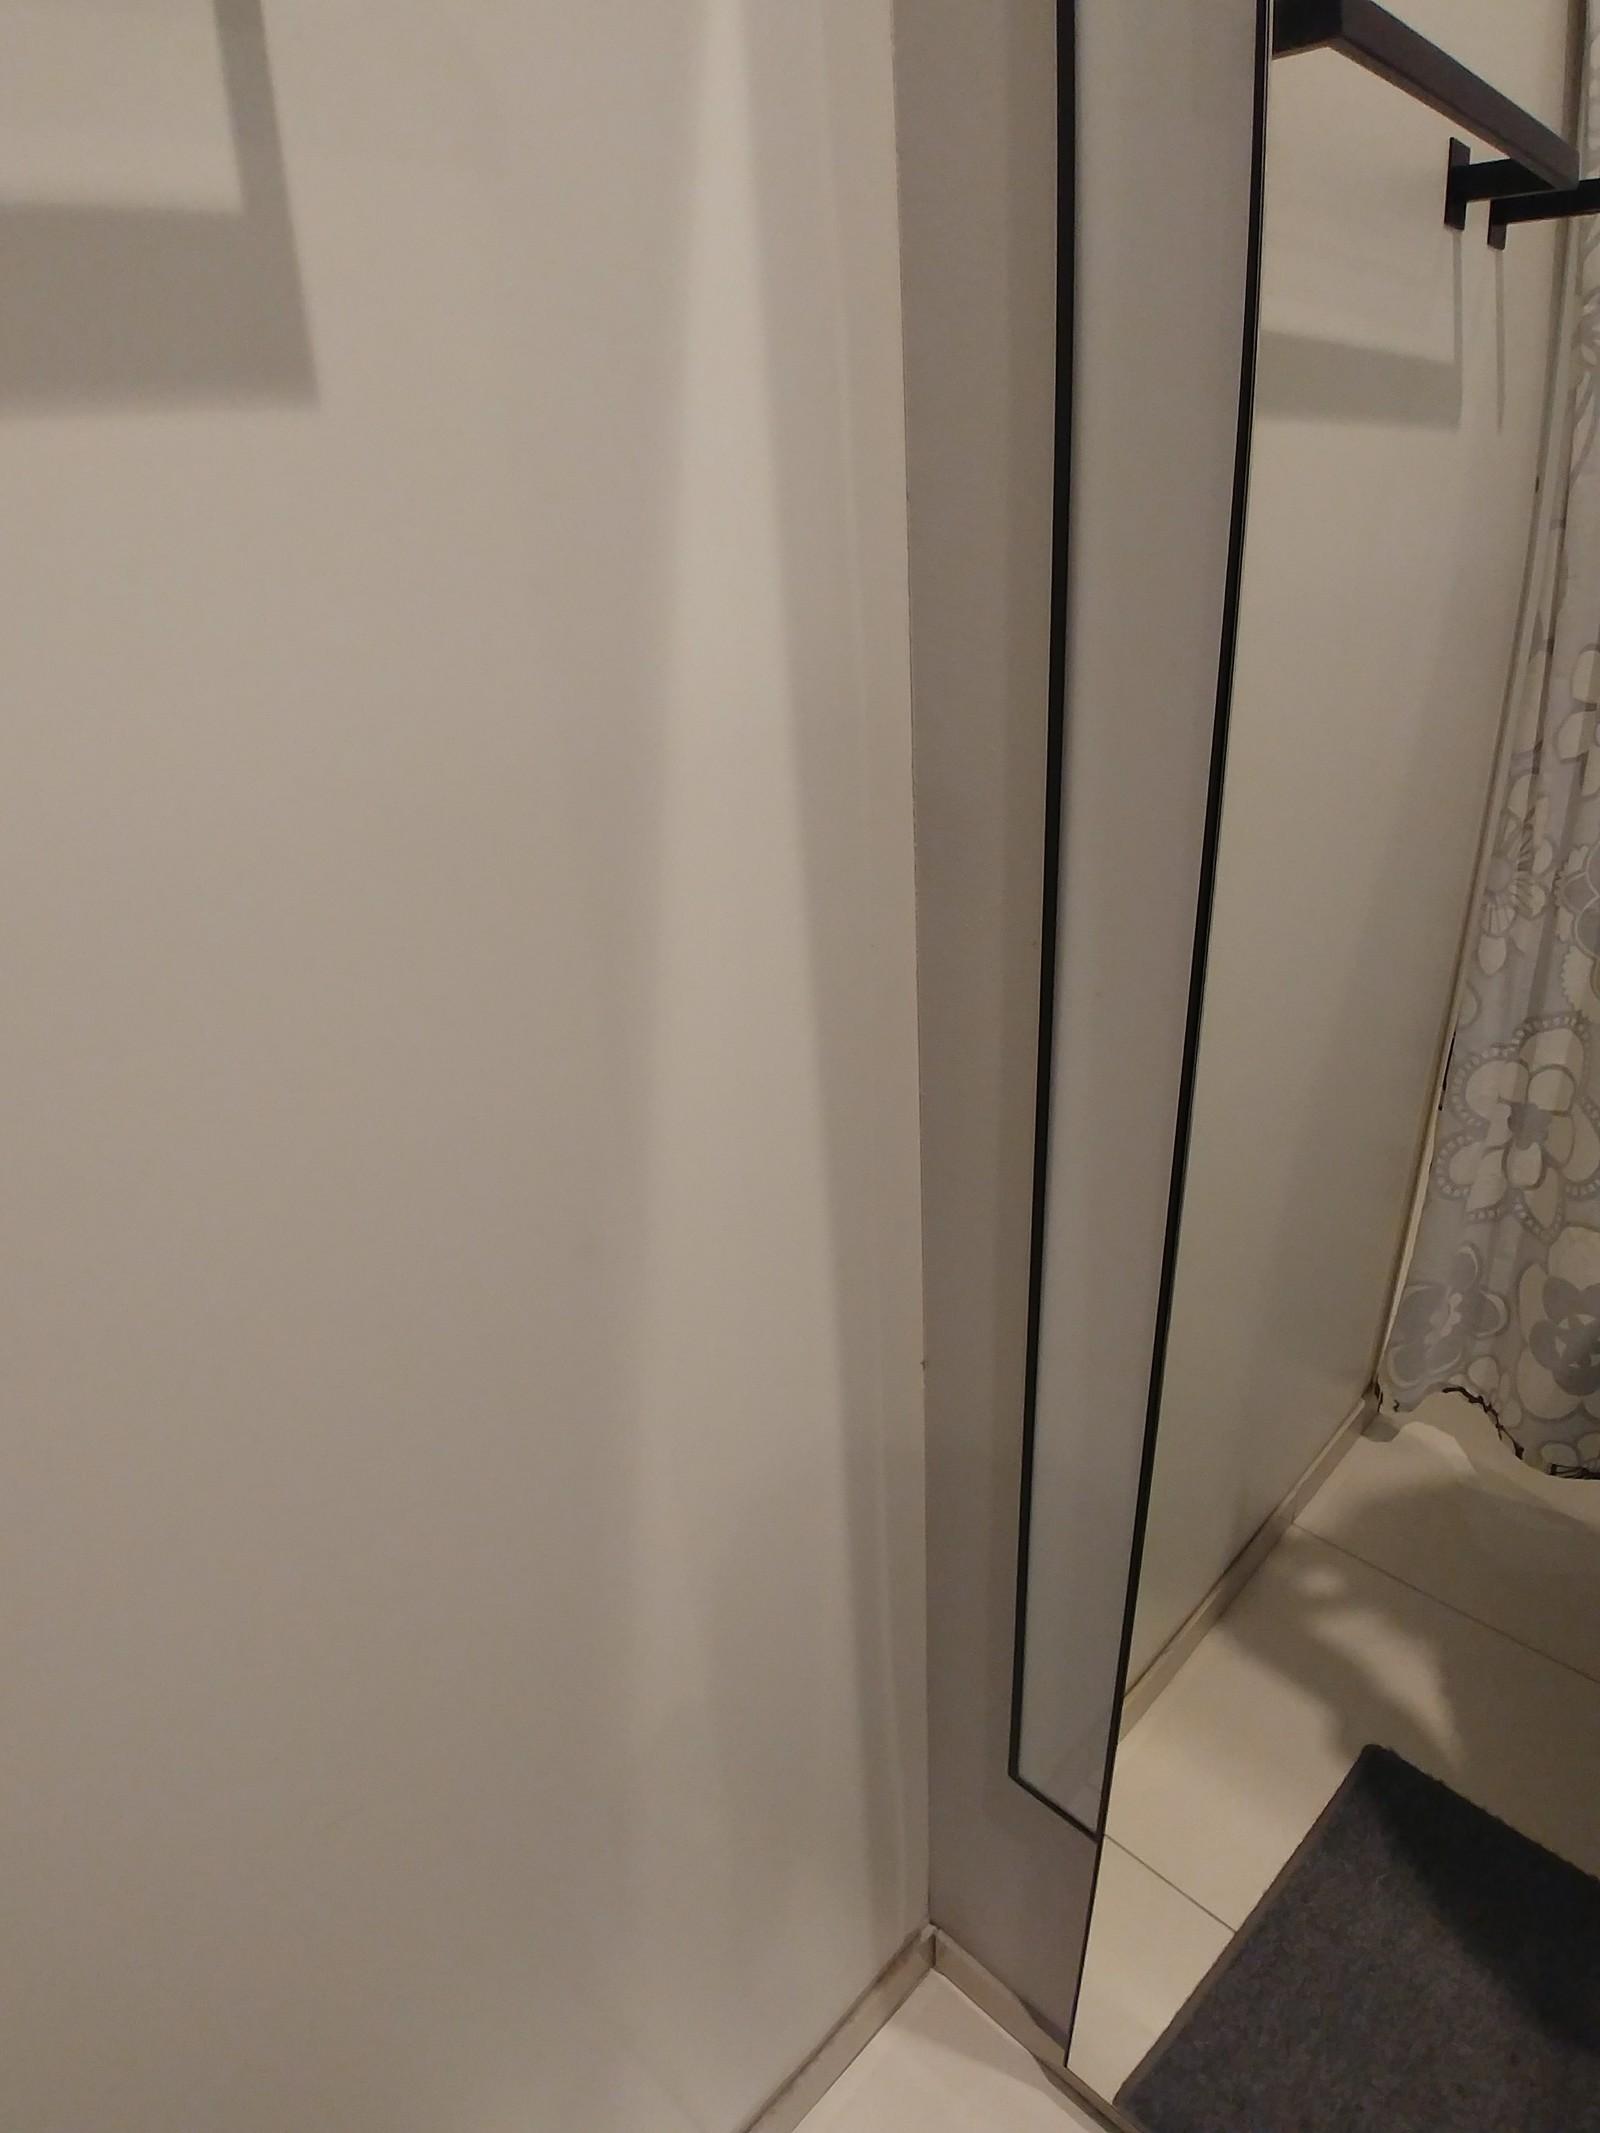 Скрытая камера в туалете возле дороги, изображение секса изнутри